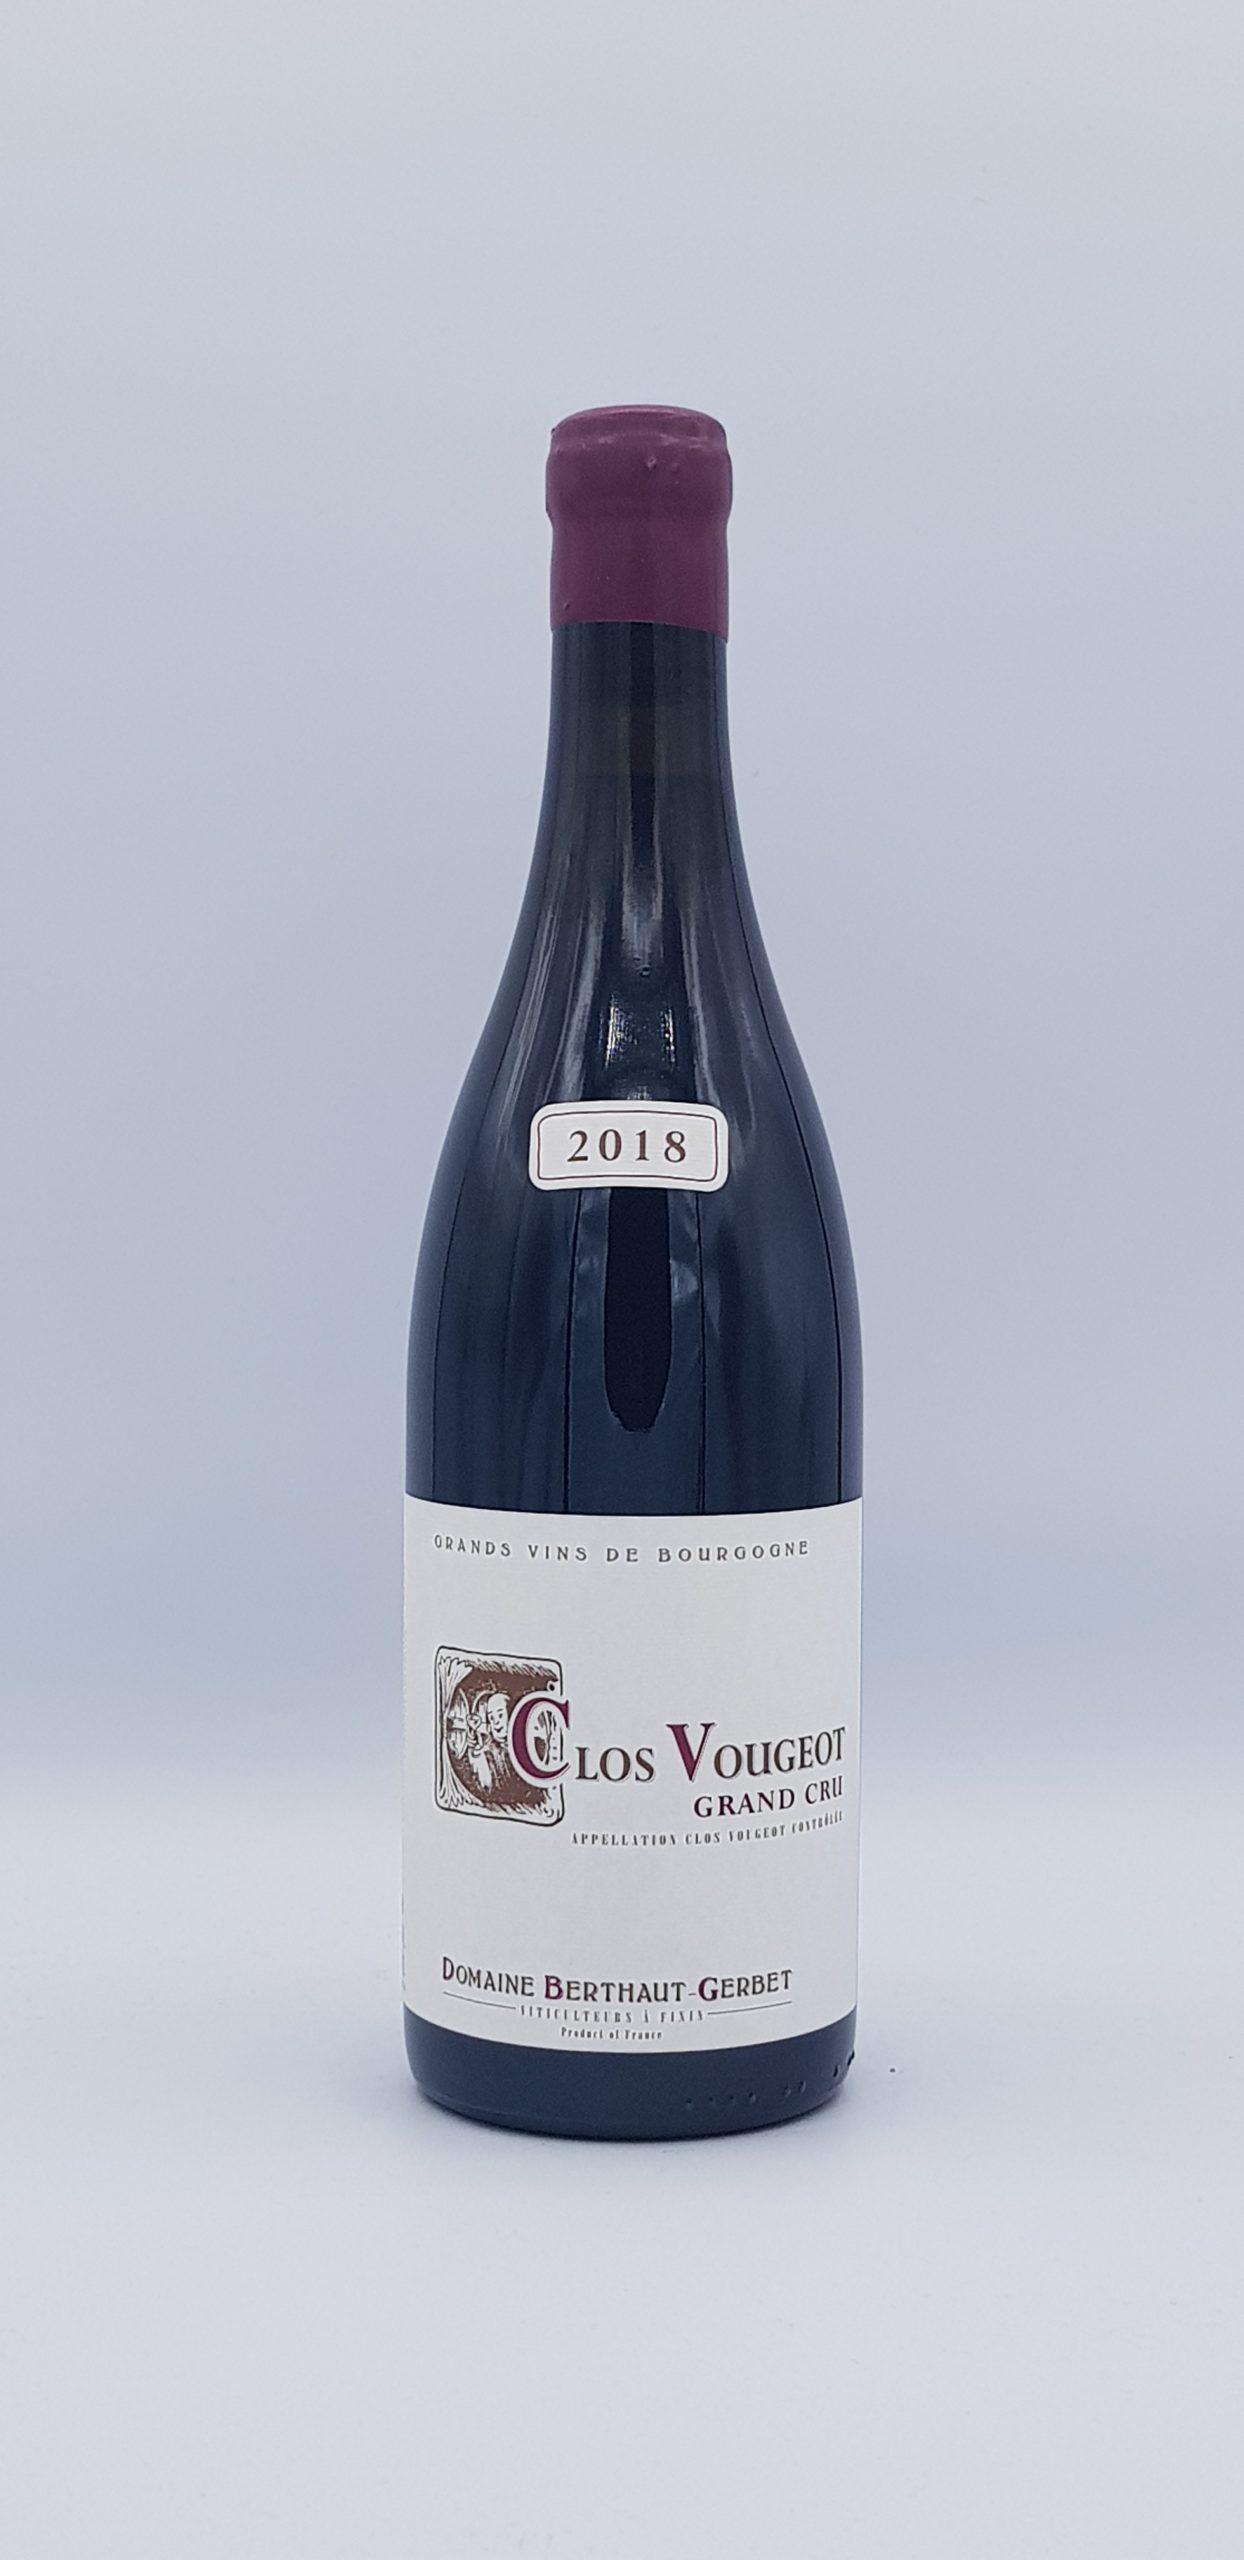 Clos de Vougeot Grand Cru 2018